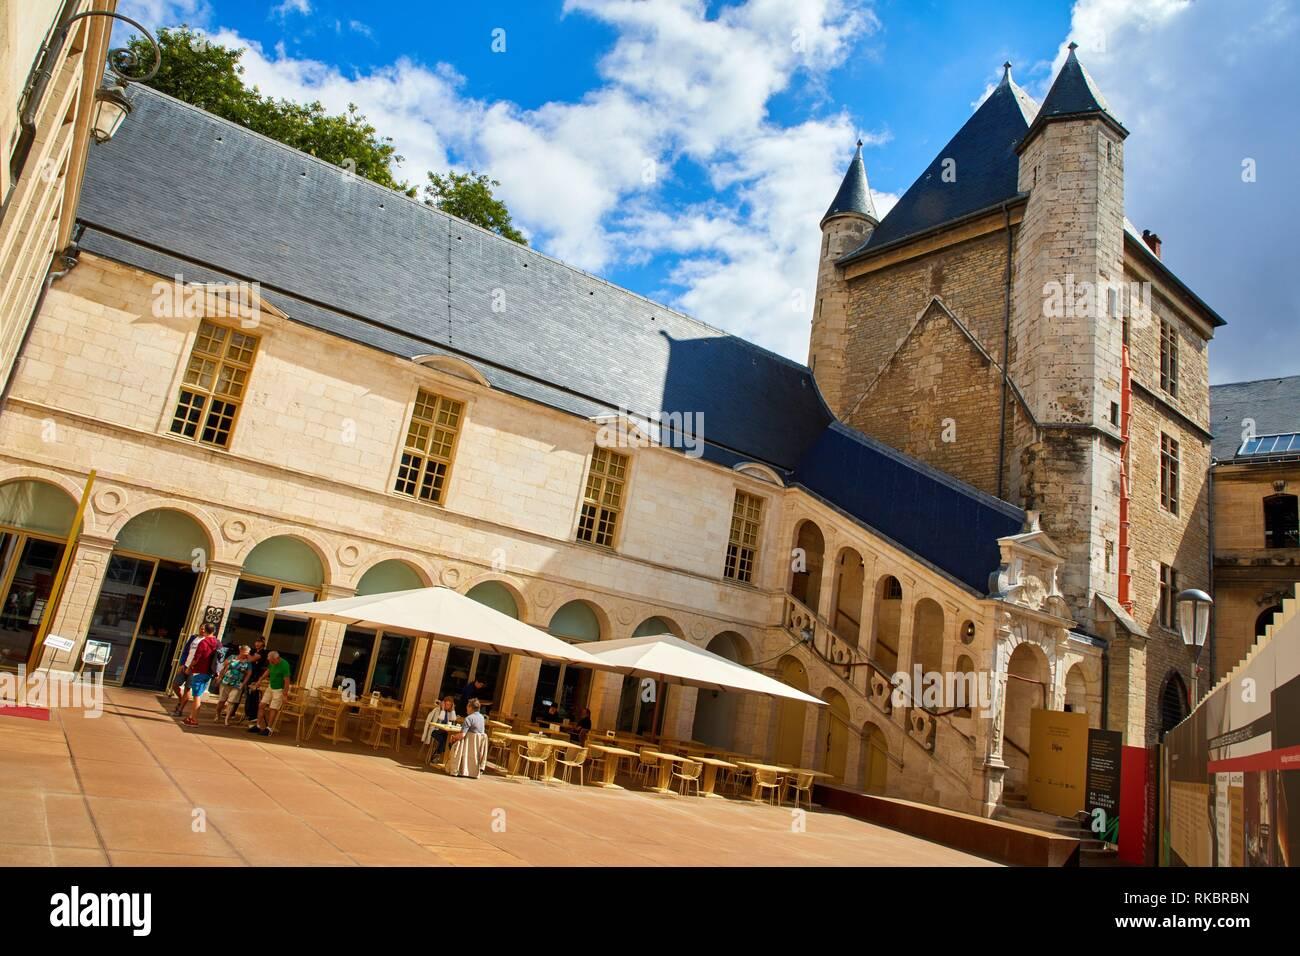 Tour de Bar, Musée des Beaux-Arts, Dijon, Côte d´Or, Burgundy Region, Bourgogne, France, Europe Stock Photo